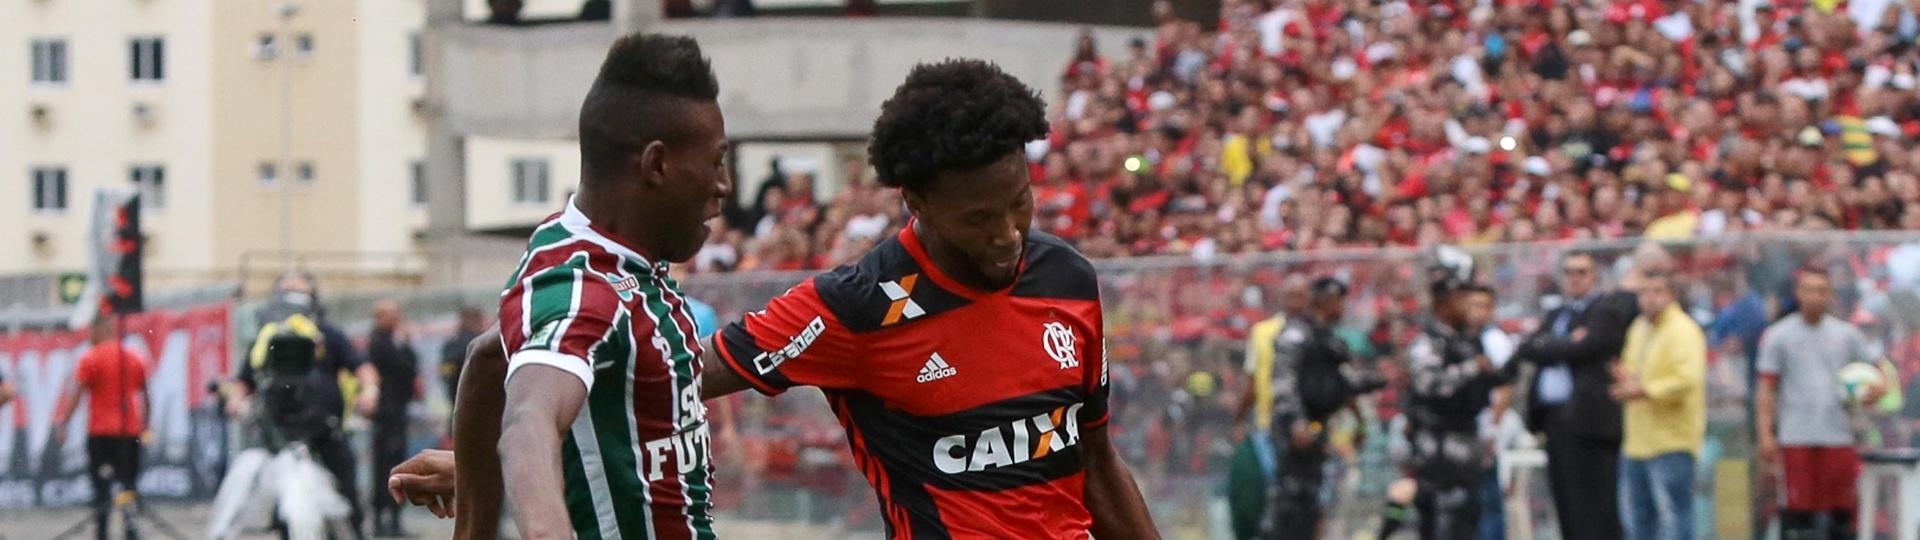 Léo Pelé e Rafael Vaz disputam lance no clássico entre Flamengo e Fluminense